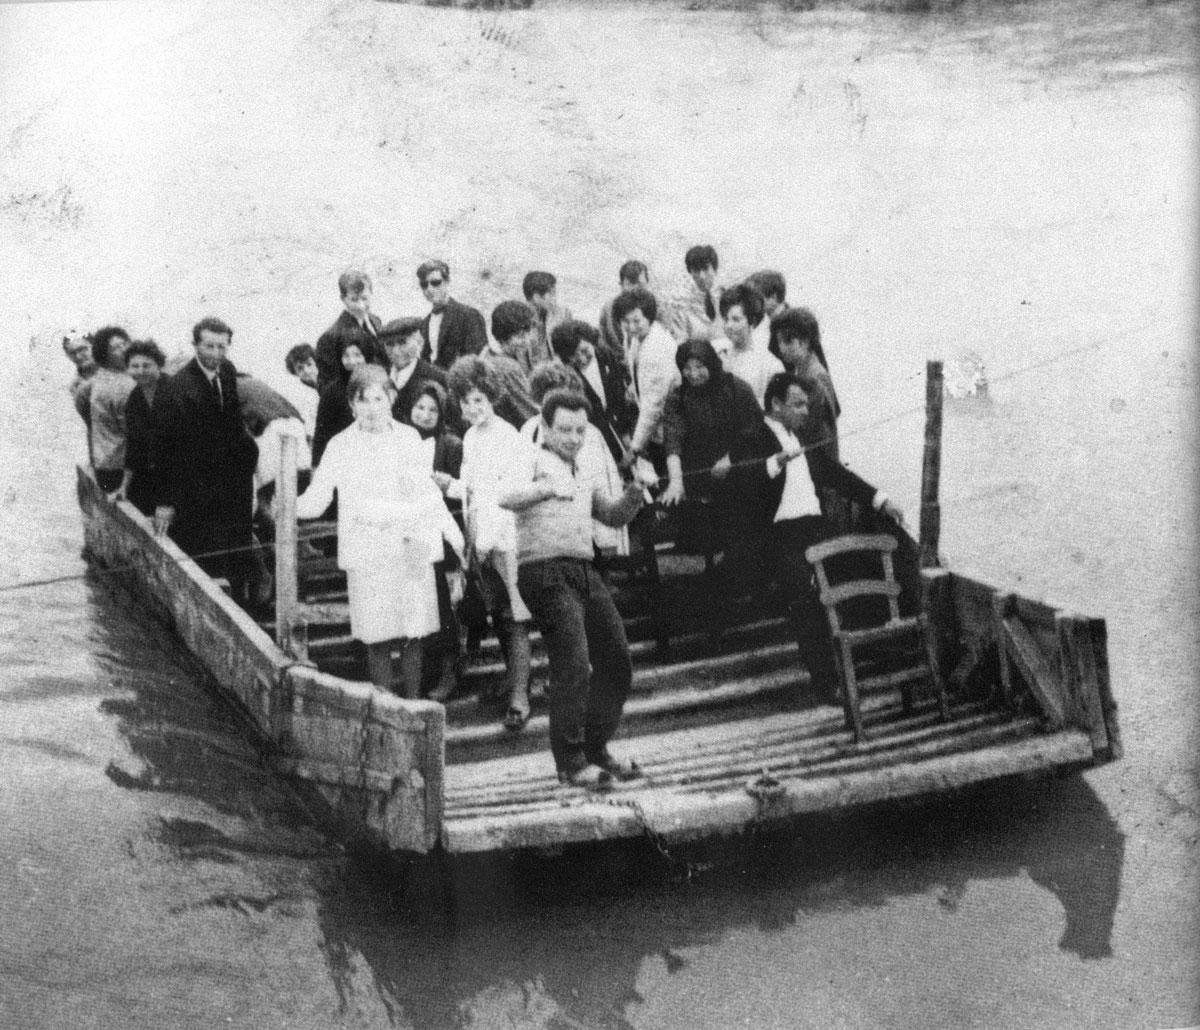 Εικ. 2. Φωτογραφία από το αρχείο Παναγιώτη Γεροκώστα (1961), εικονίζει μια περαταριά στον Πηνειό ποταμό. Κάτοικοι από το χωριό Νομή, πηγαίνουν με σχεδία στο αντικρινό χωριό Πεδινή.